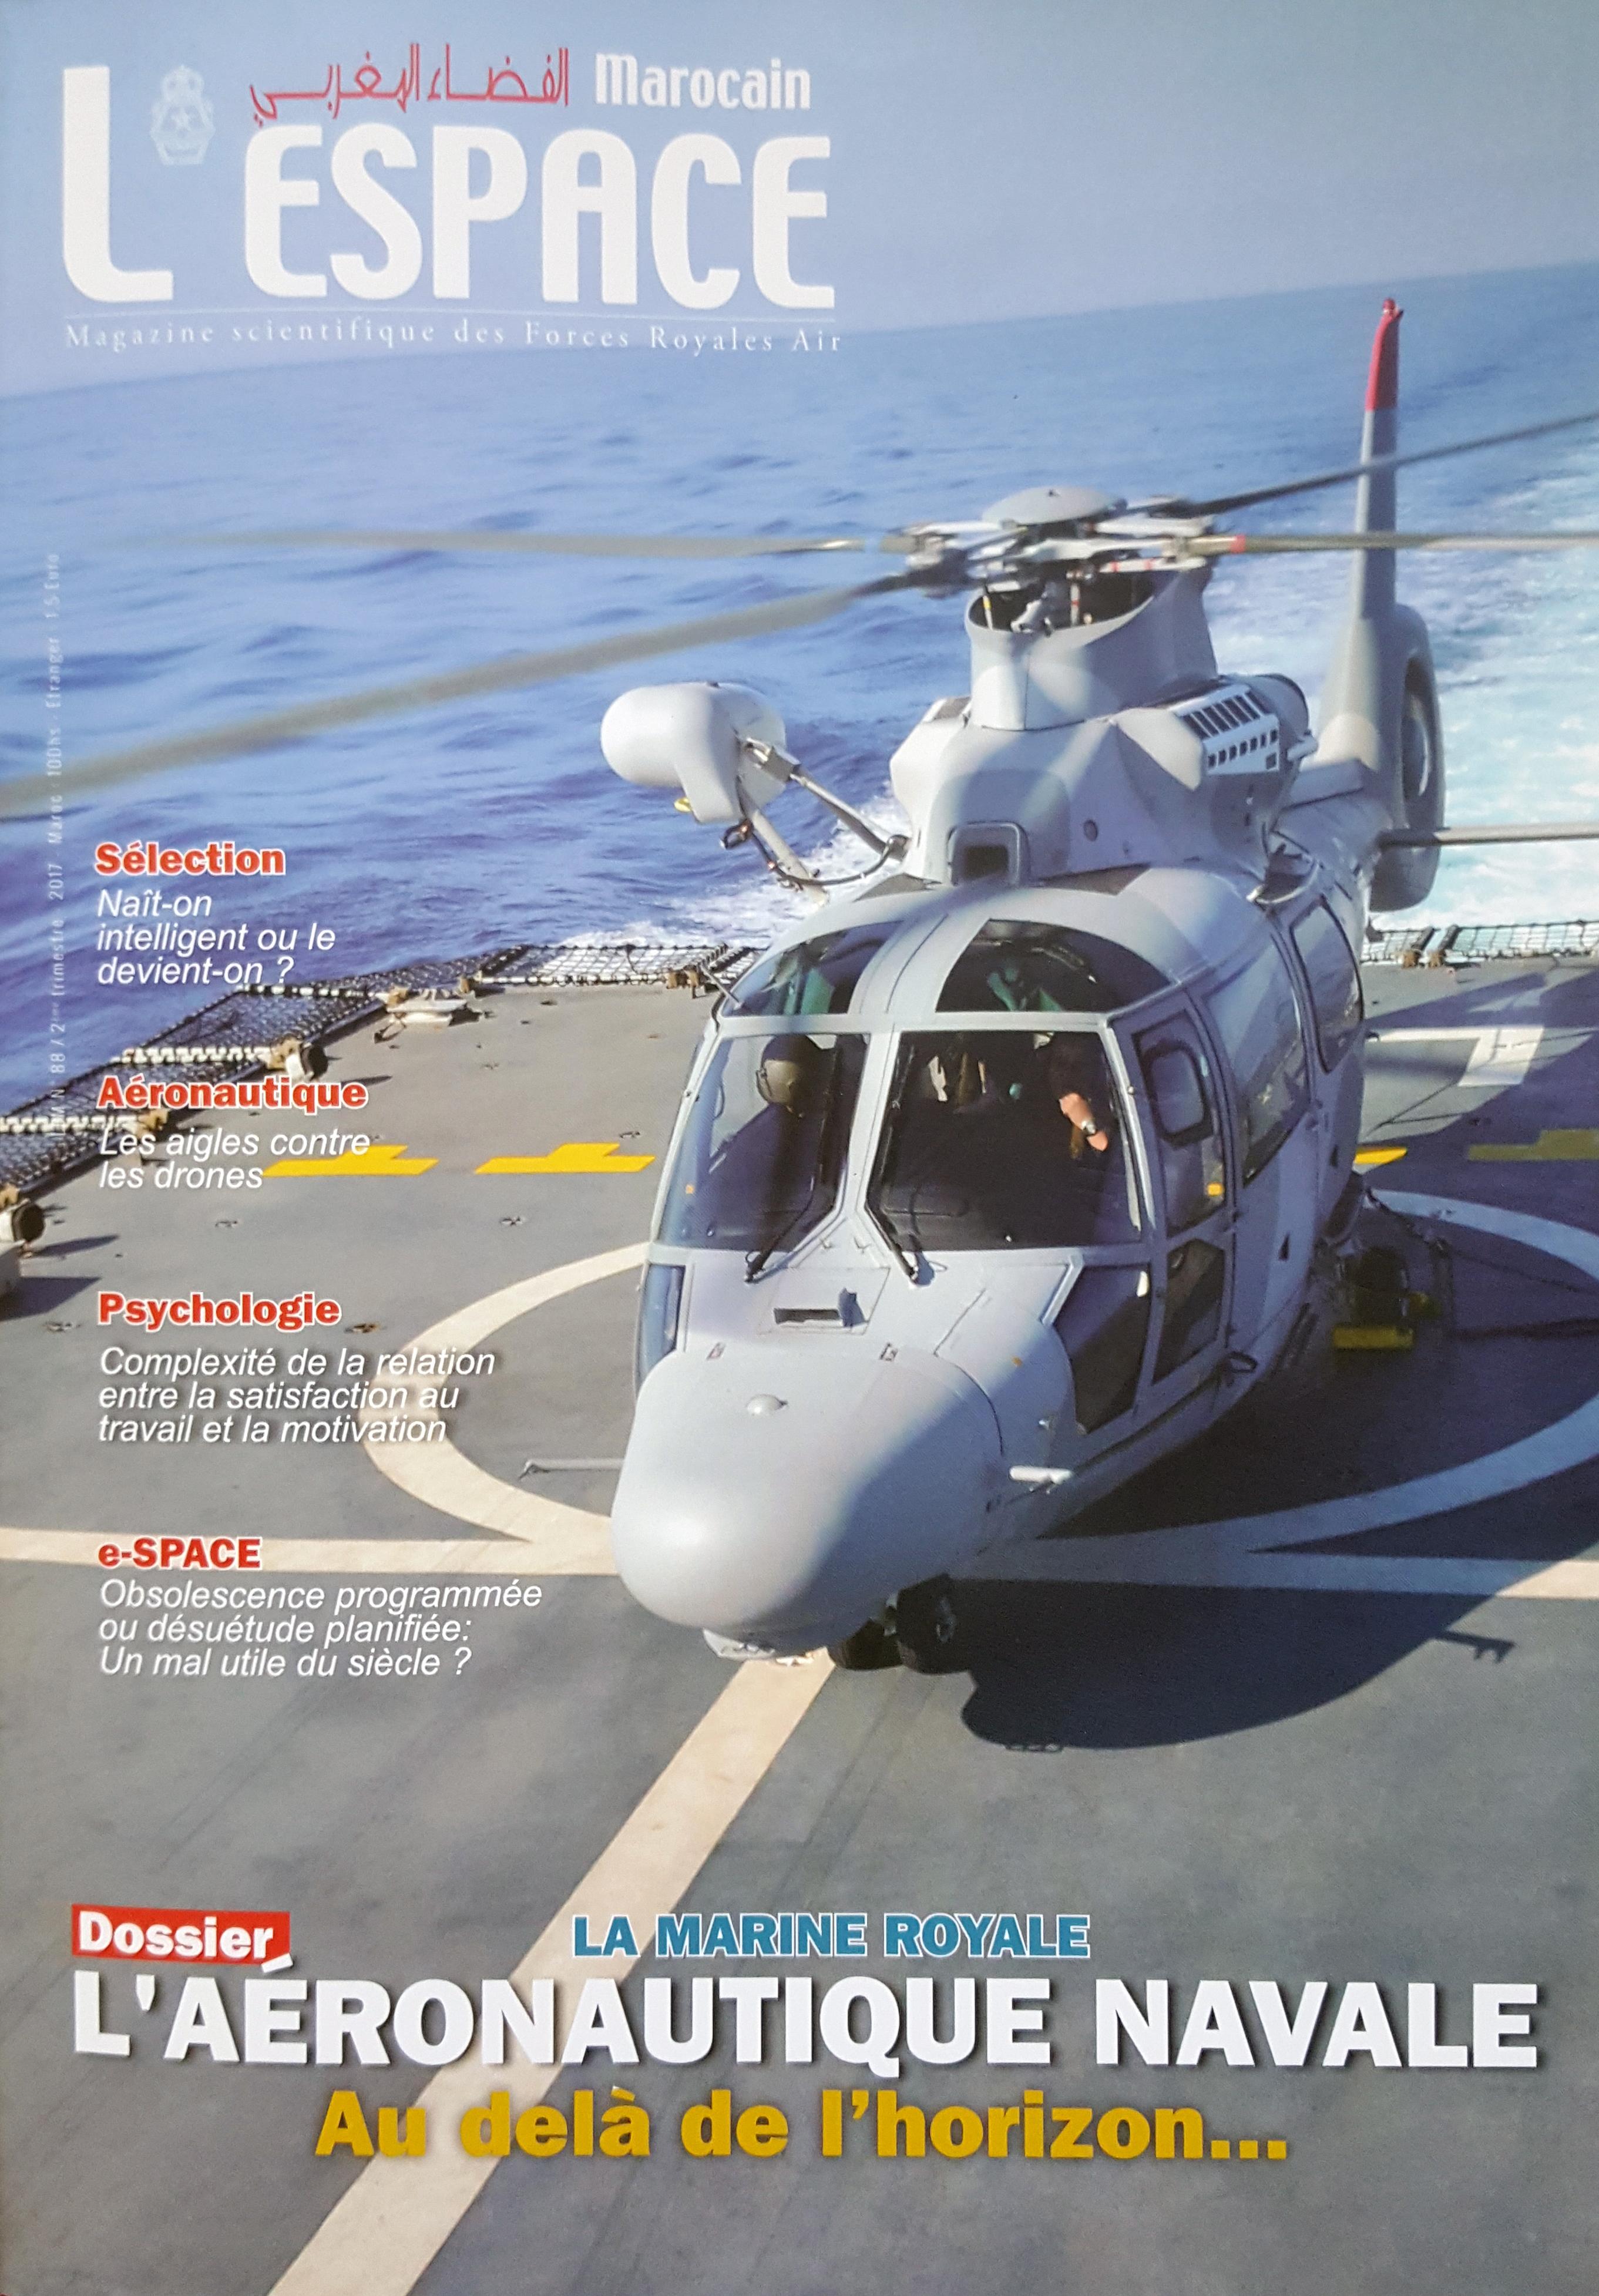 Le Groupement des Flotilles de l'Aéronautique Navale Marocaine - 11F et 21F - Page 6 35226459920_a3d0696041_o